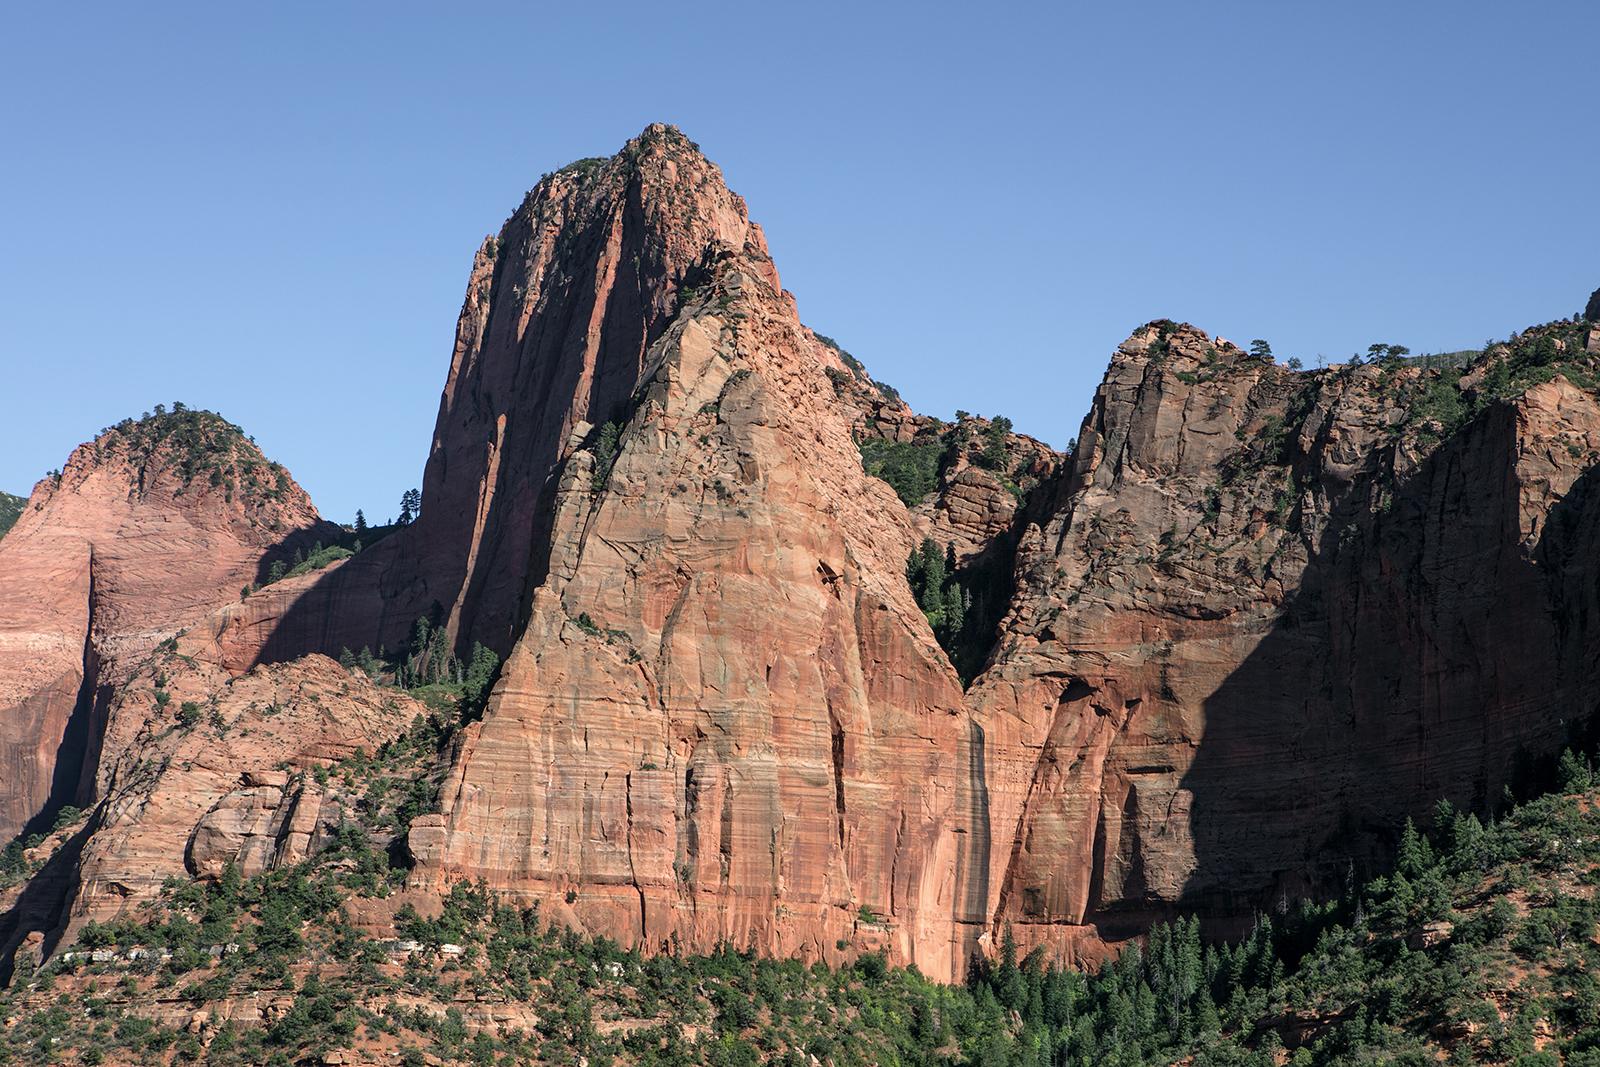 Voyage dans l'ouest américain : le parc national de Zion